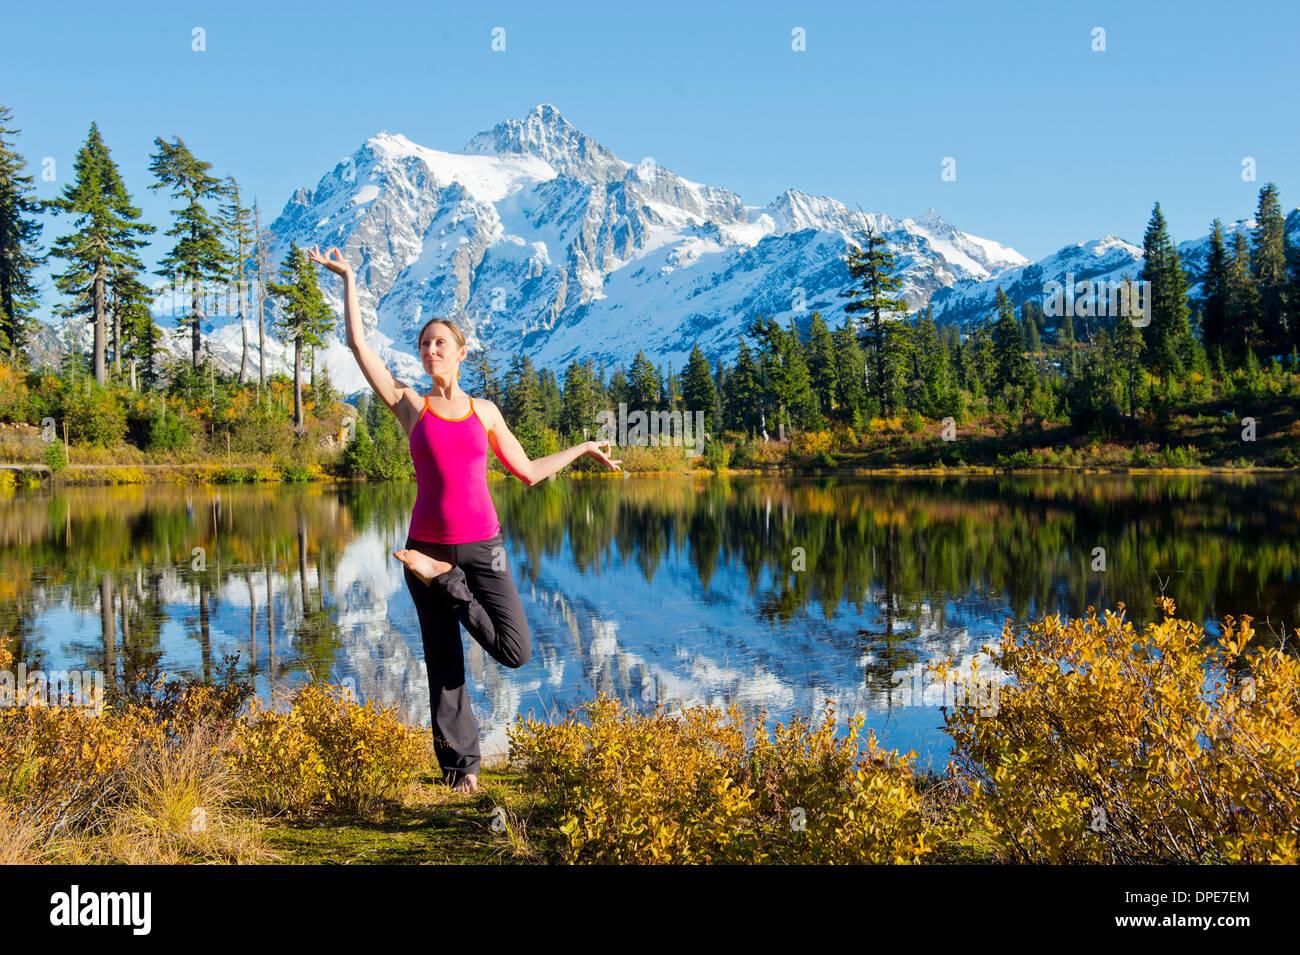 Mujer que hace yoga en la escena de la montaña, de Bellingham, Washington, EE.UU. Imagen De Stock